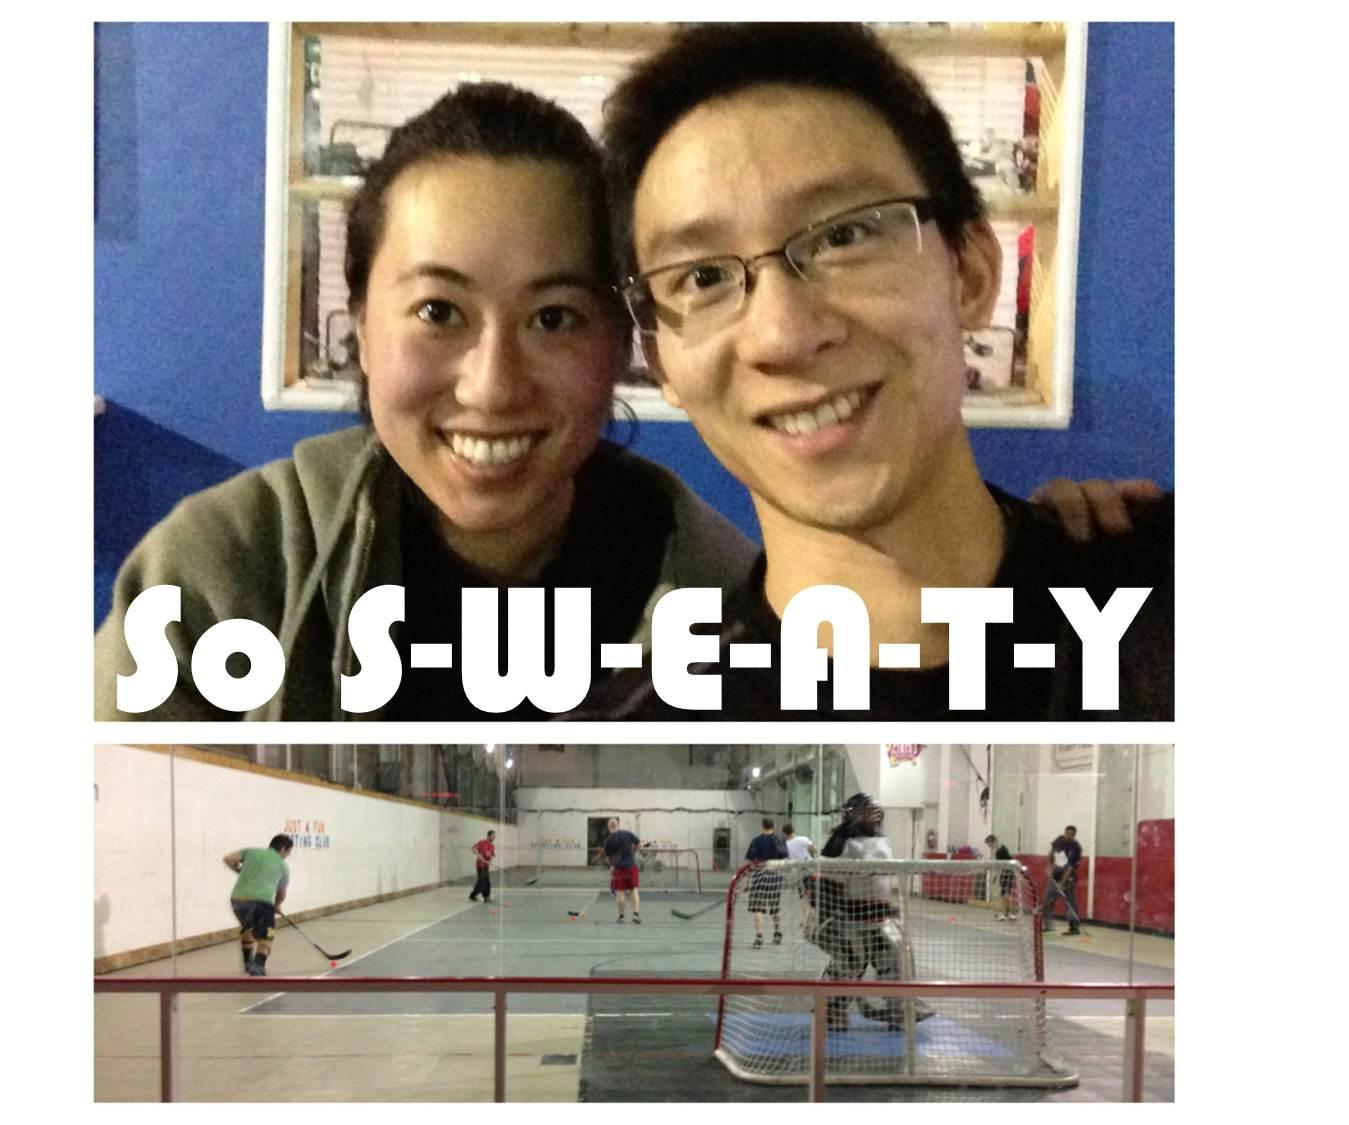 Toronto sports social club